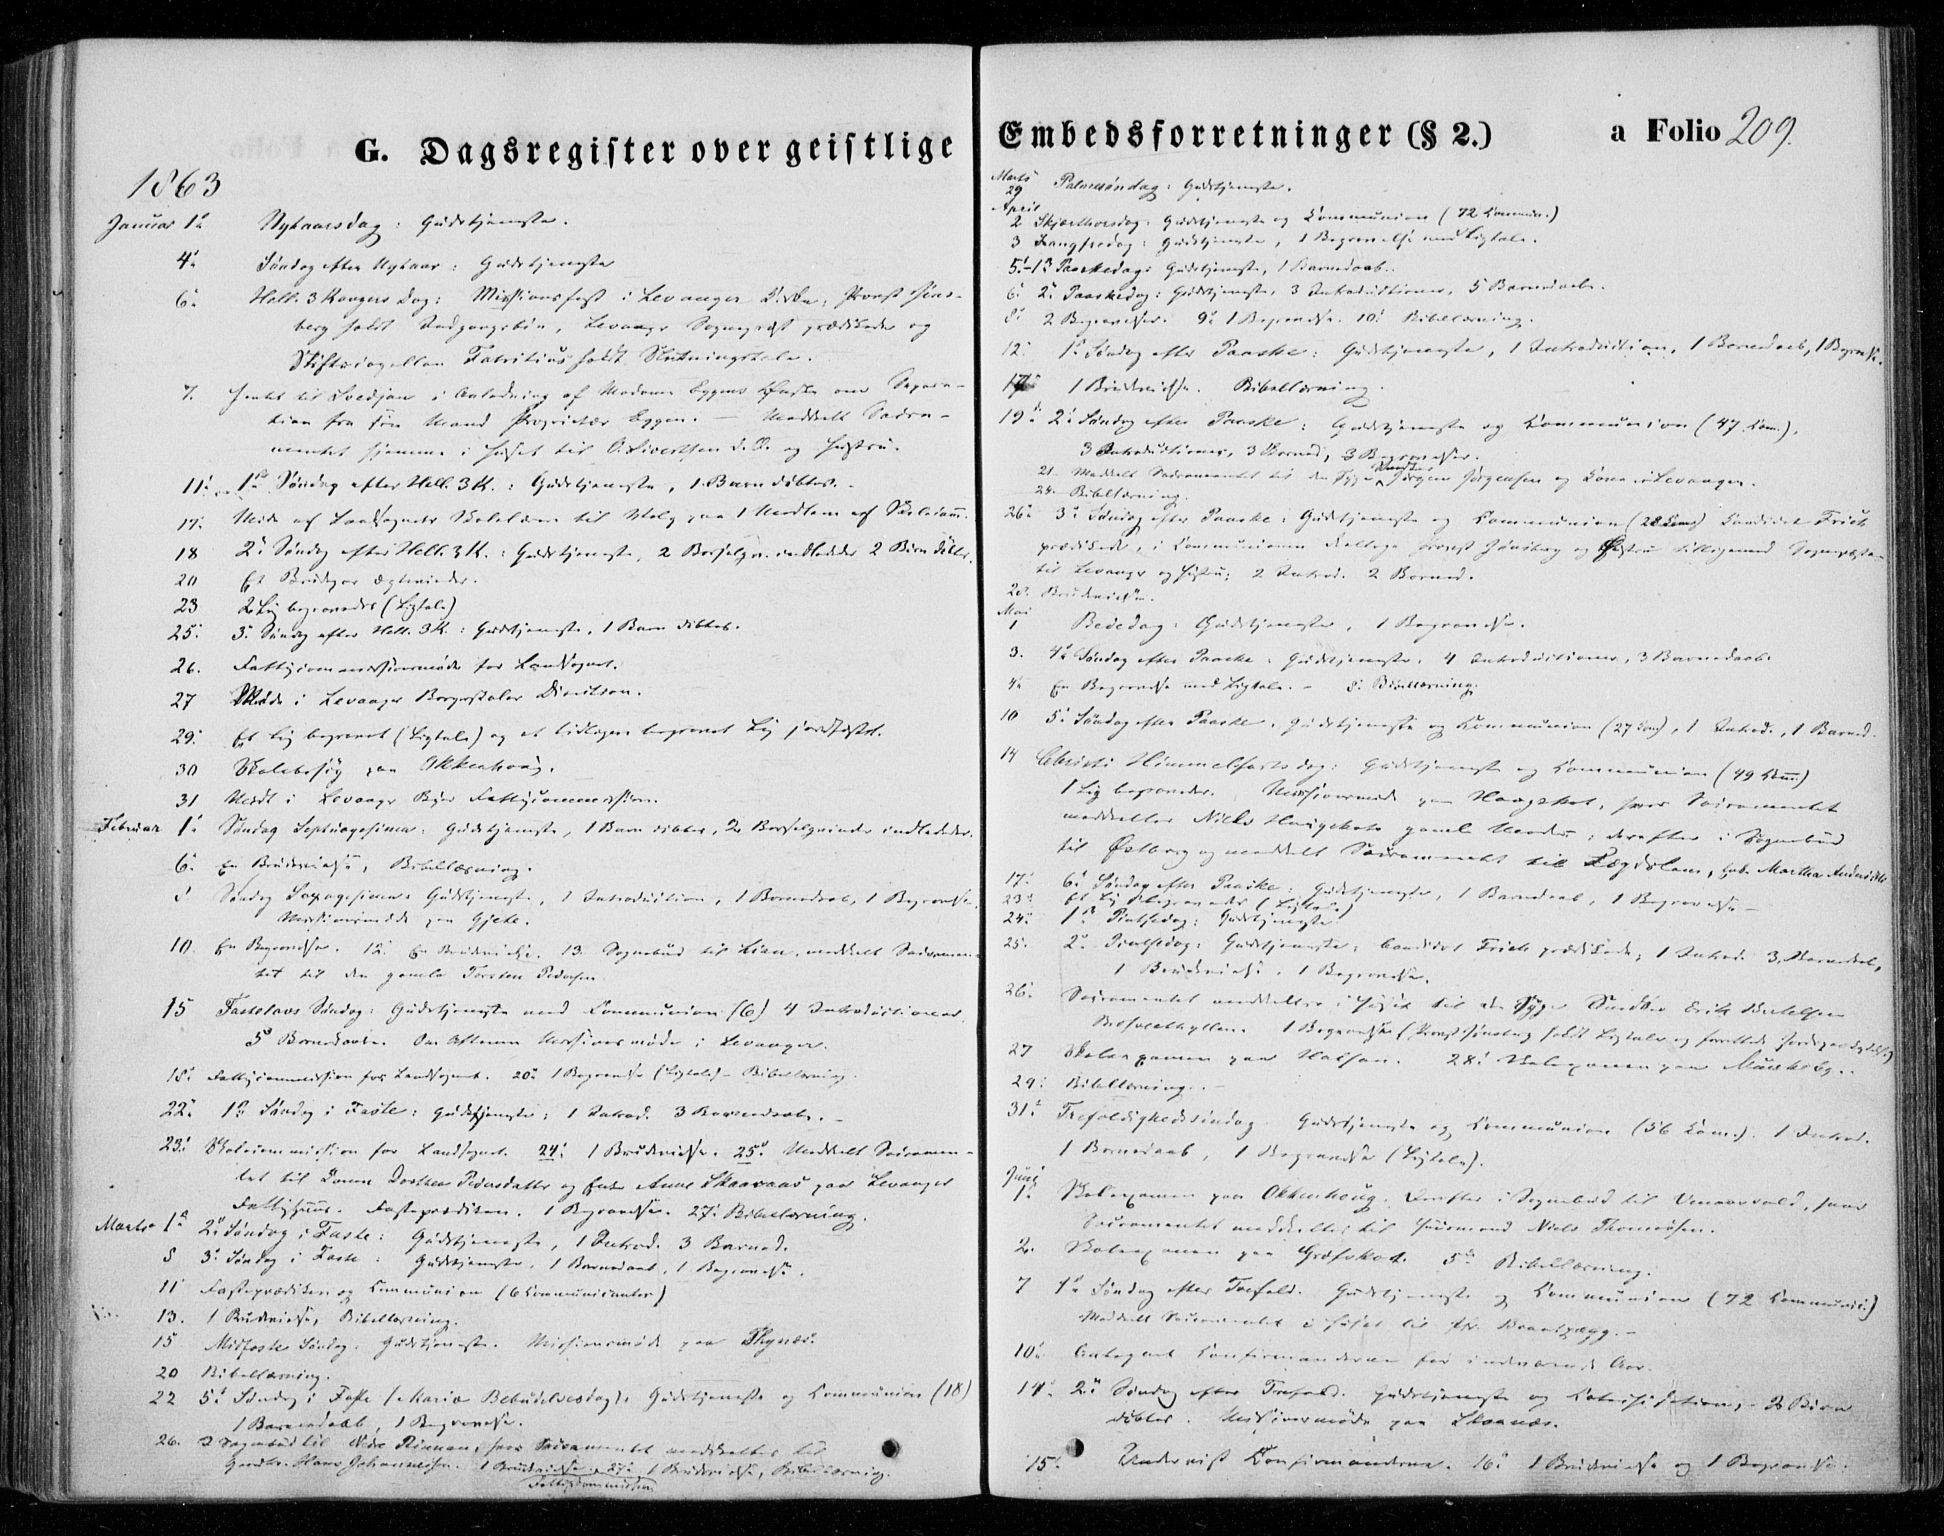 SAT, Ministerialprotokoller, klokkerbøker og fødselsregistre - Nord-Trøndelag, 720/L0184: Ministerialbok nr. 720A02 /1, 1855-1863, s. 209